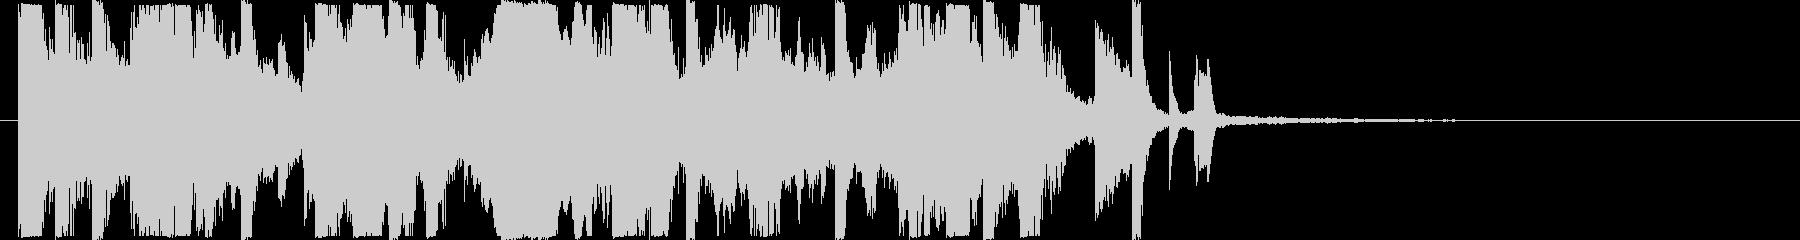 ジャジーでアナログ的HIPHOPジングルの未再生の波形